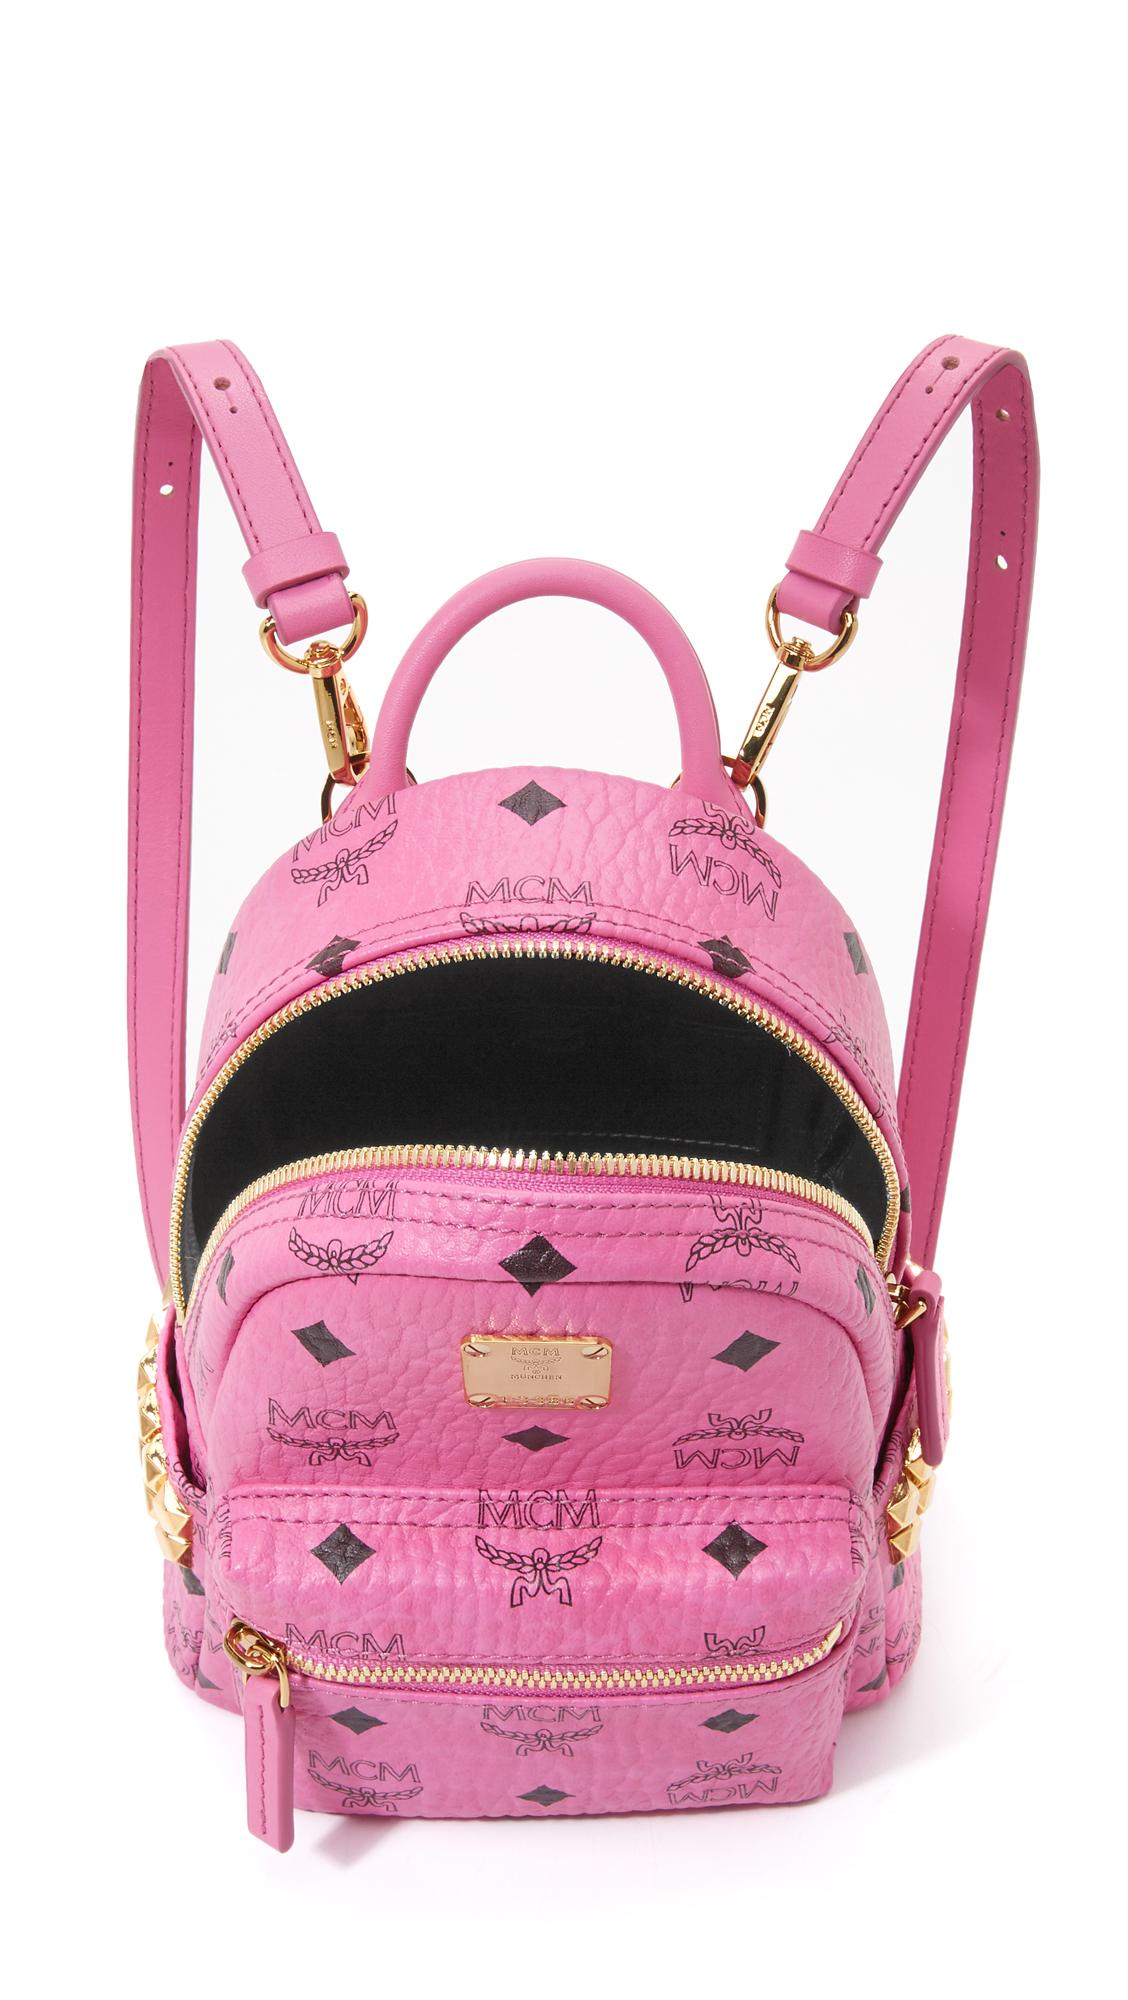 mcm side stud baby backpack in pink lyst. Black Bedroom Furniture Sets. Home Design Ideas